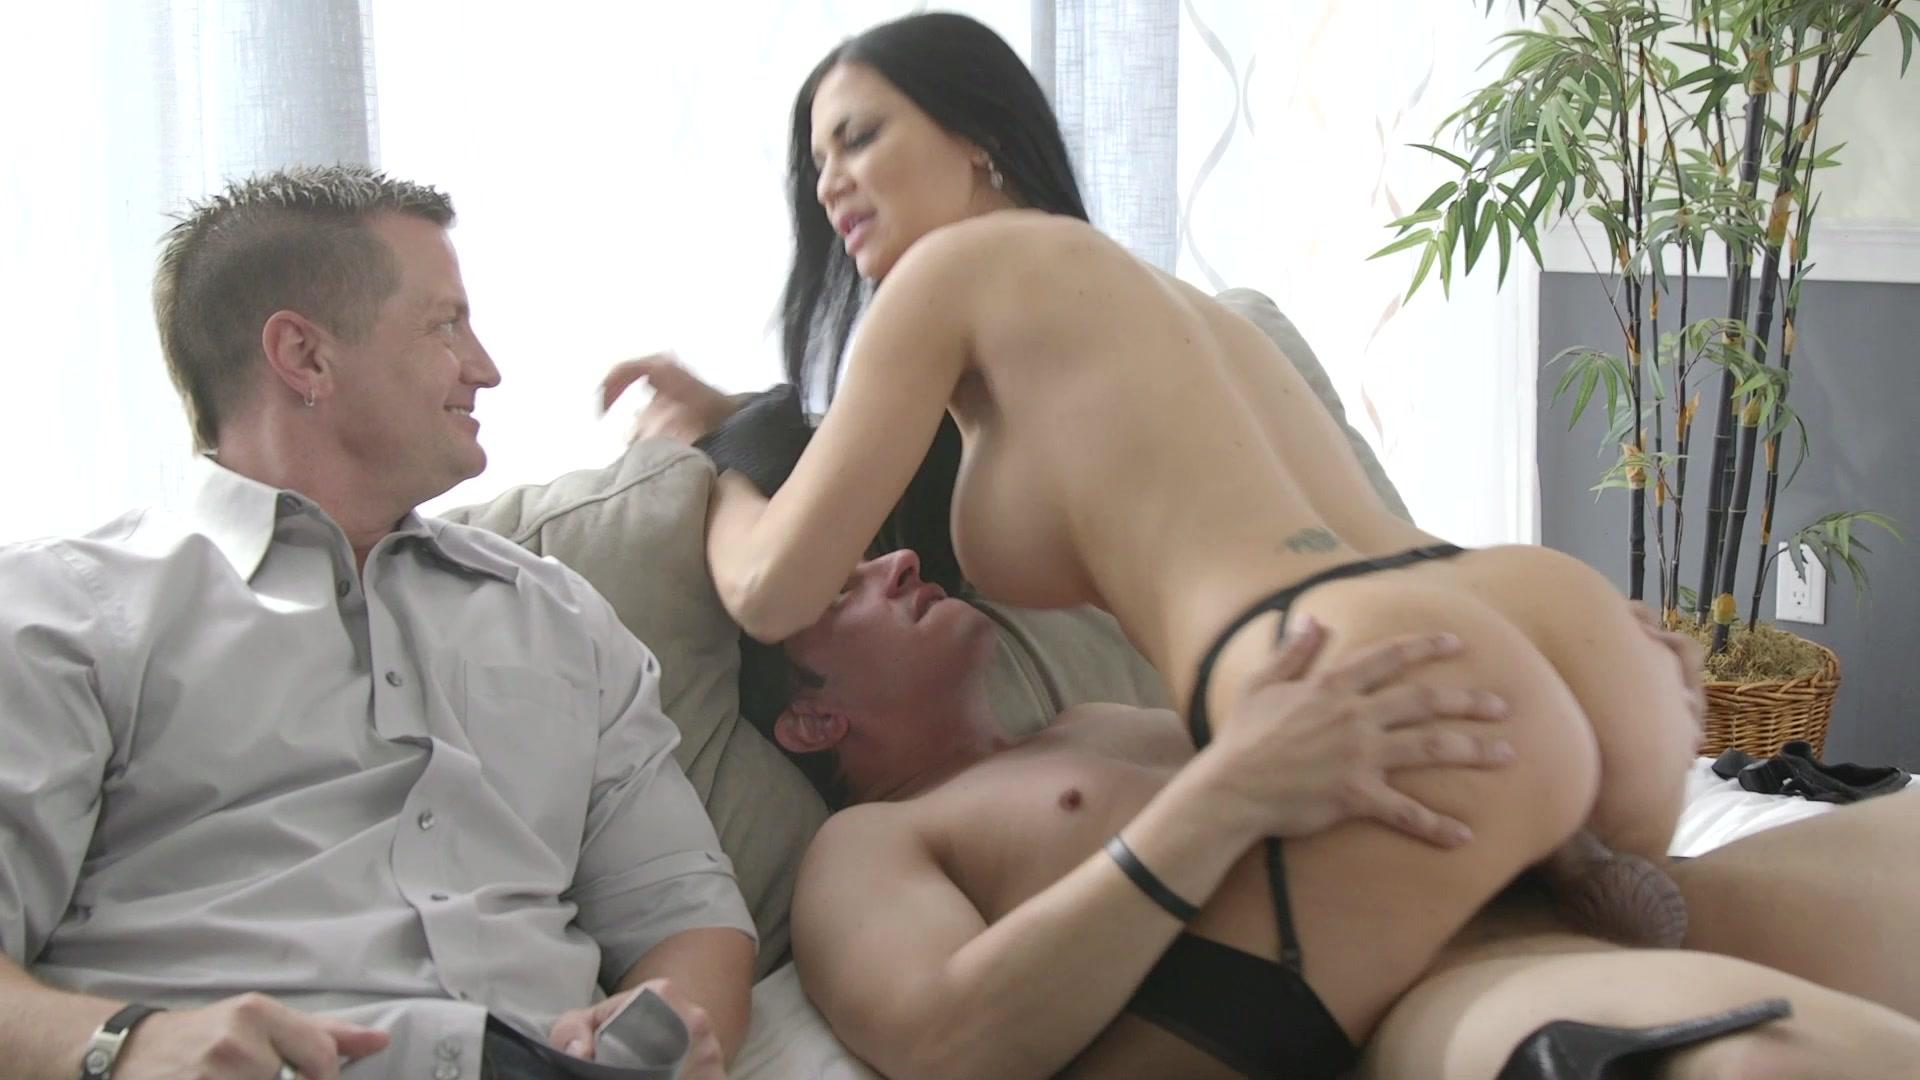 Свою анальную видео секс жена застукала мужа с секретаршей над